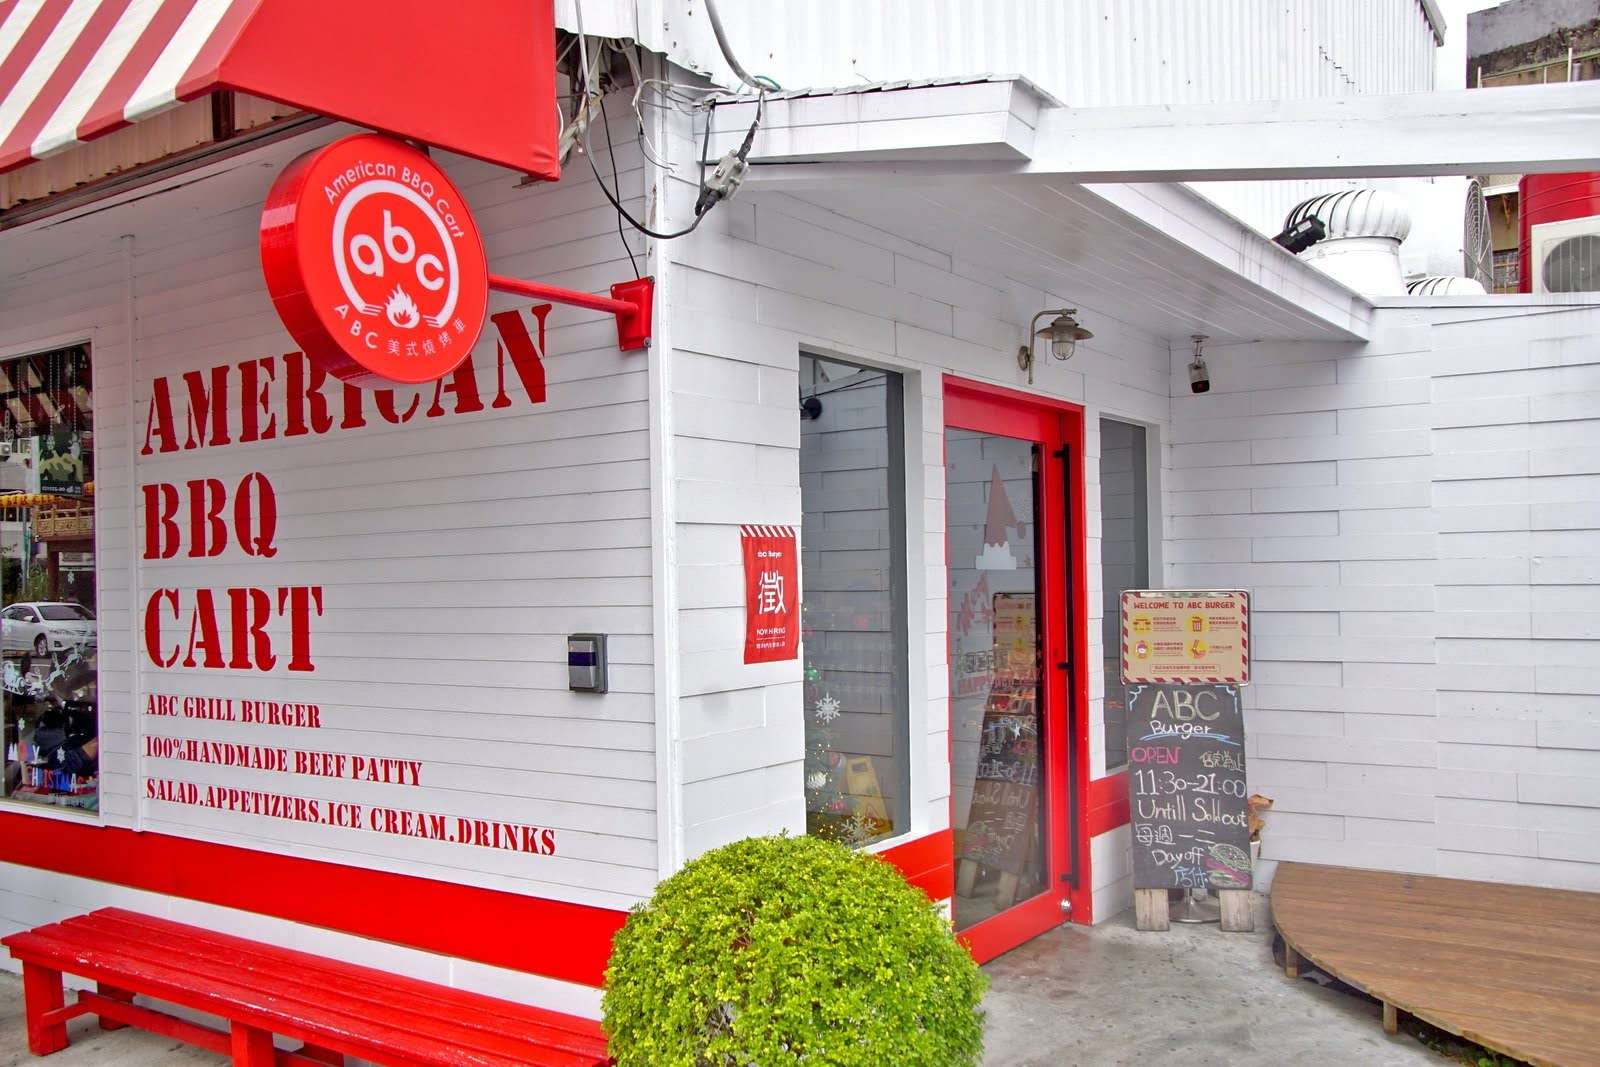 [台南][中西區] abc美式燒烤車 American BBQ Cart 尊王路打卡新熱點 原大菜市 食記